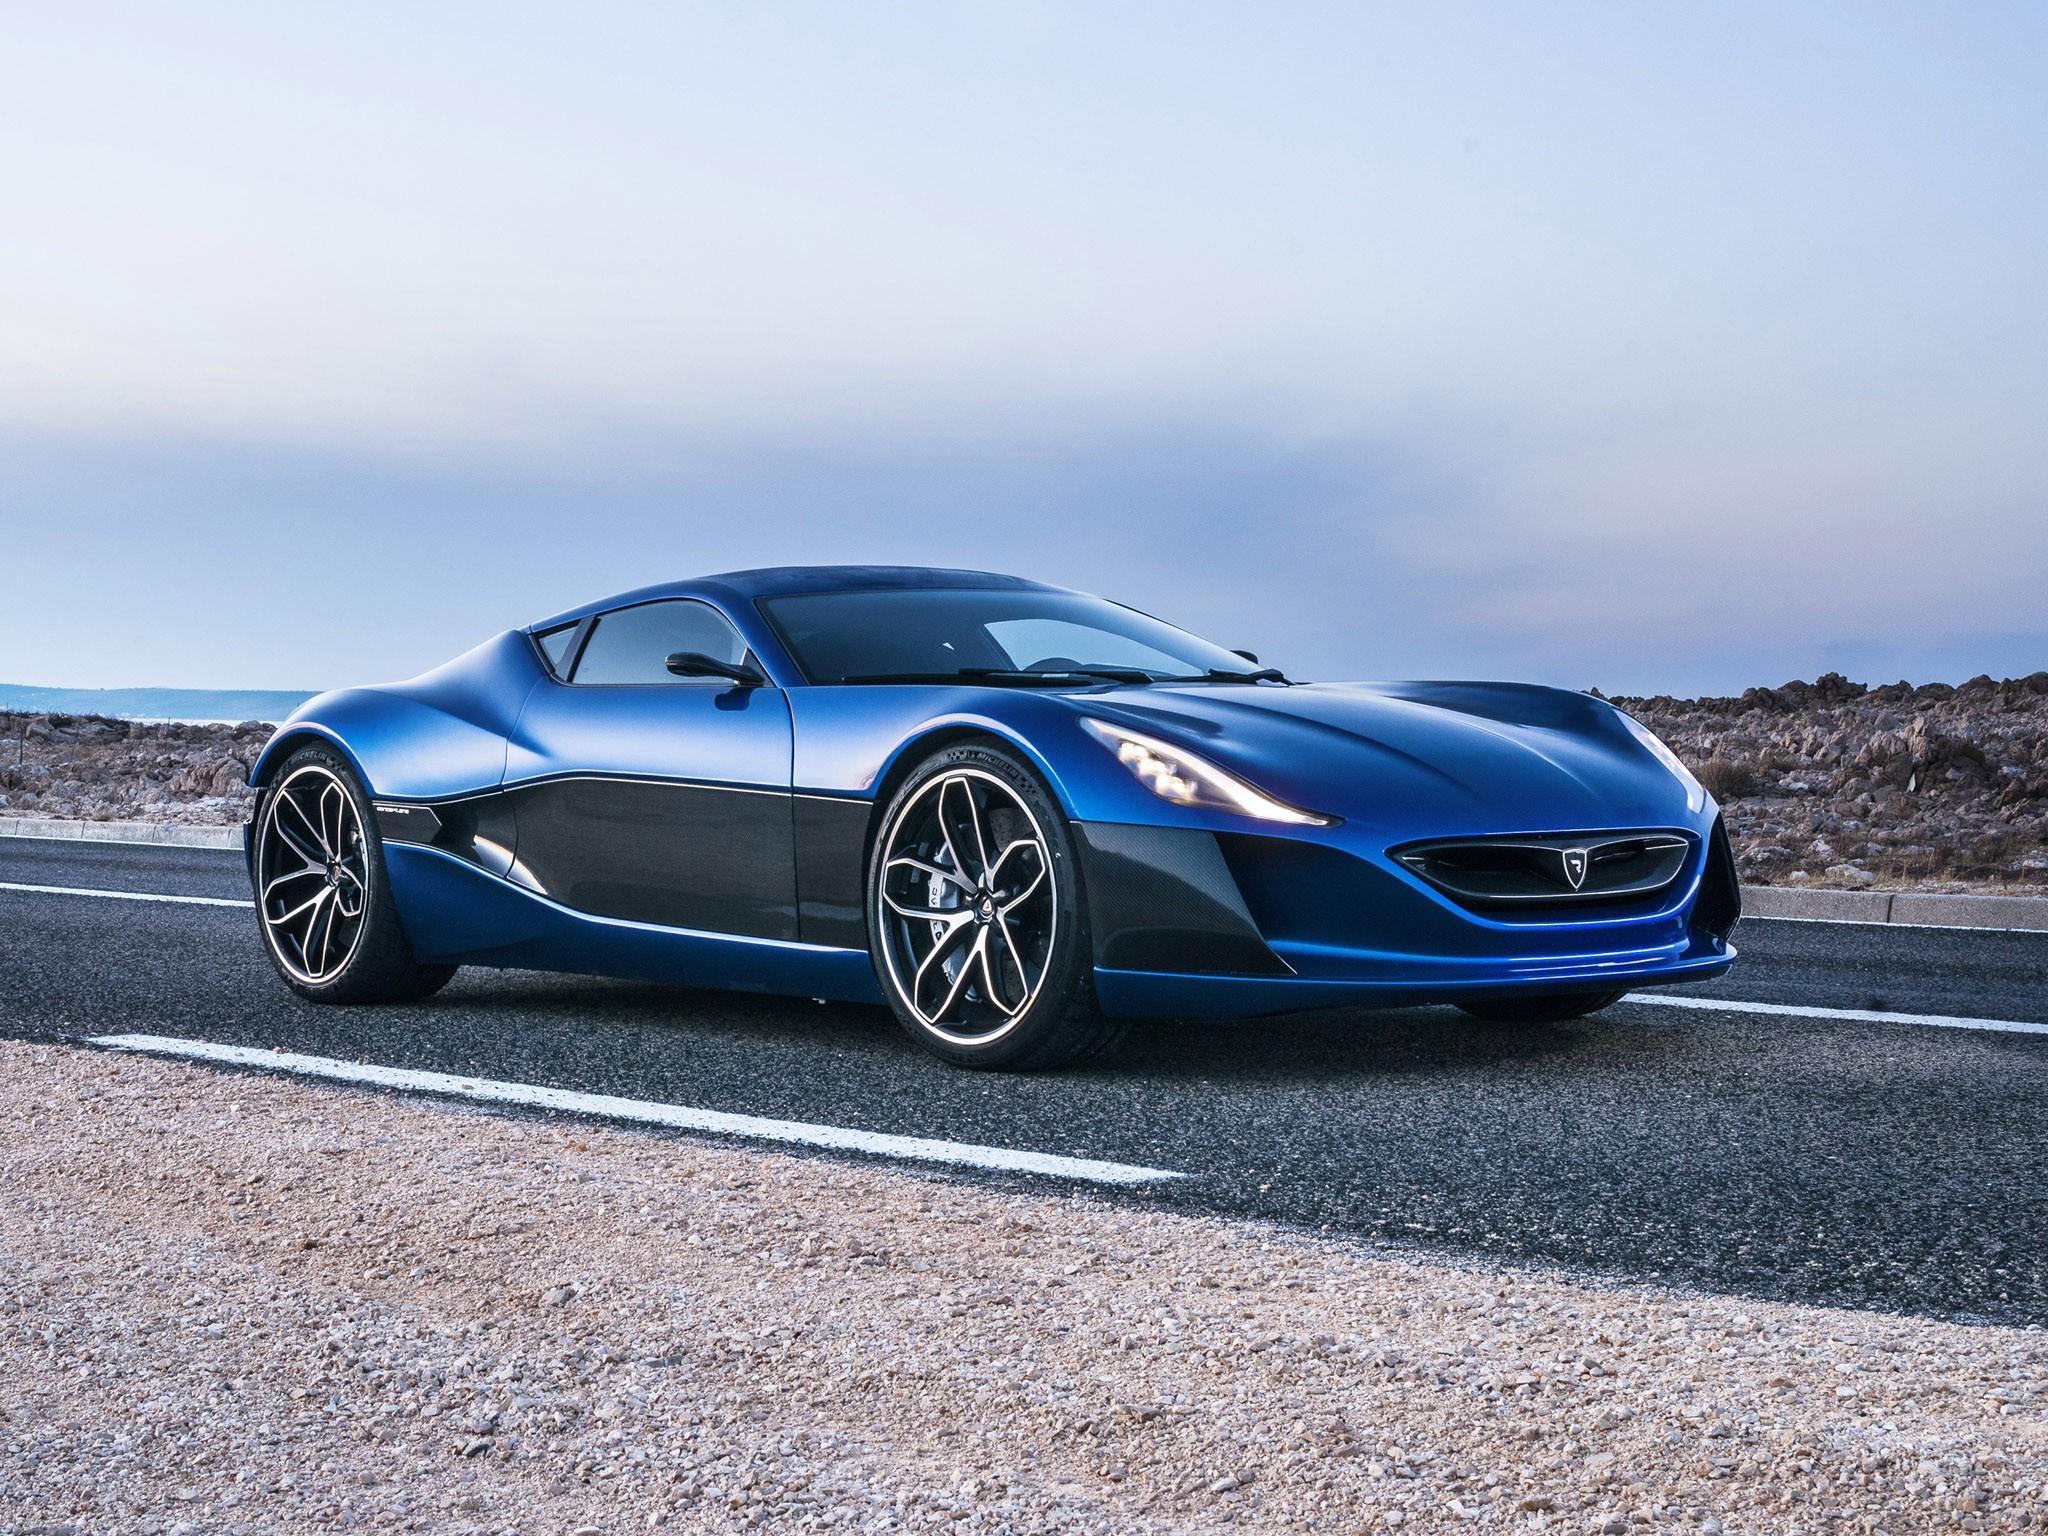 Rimac Concept One 2014 - La super-car électrique